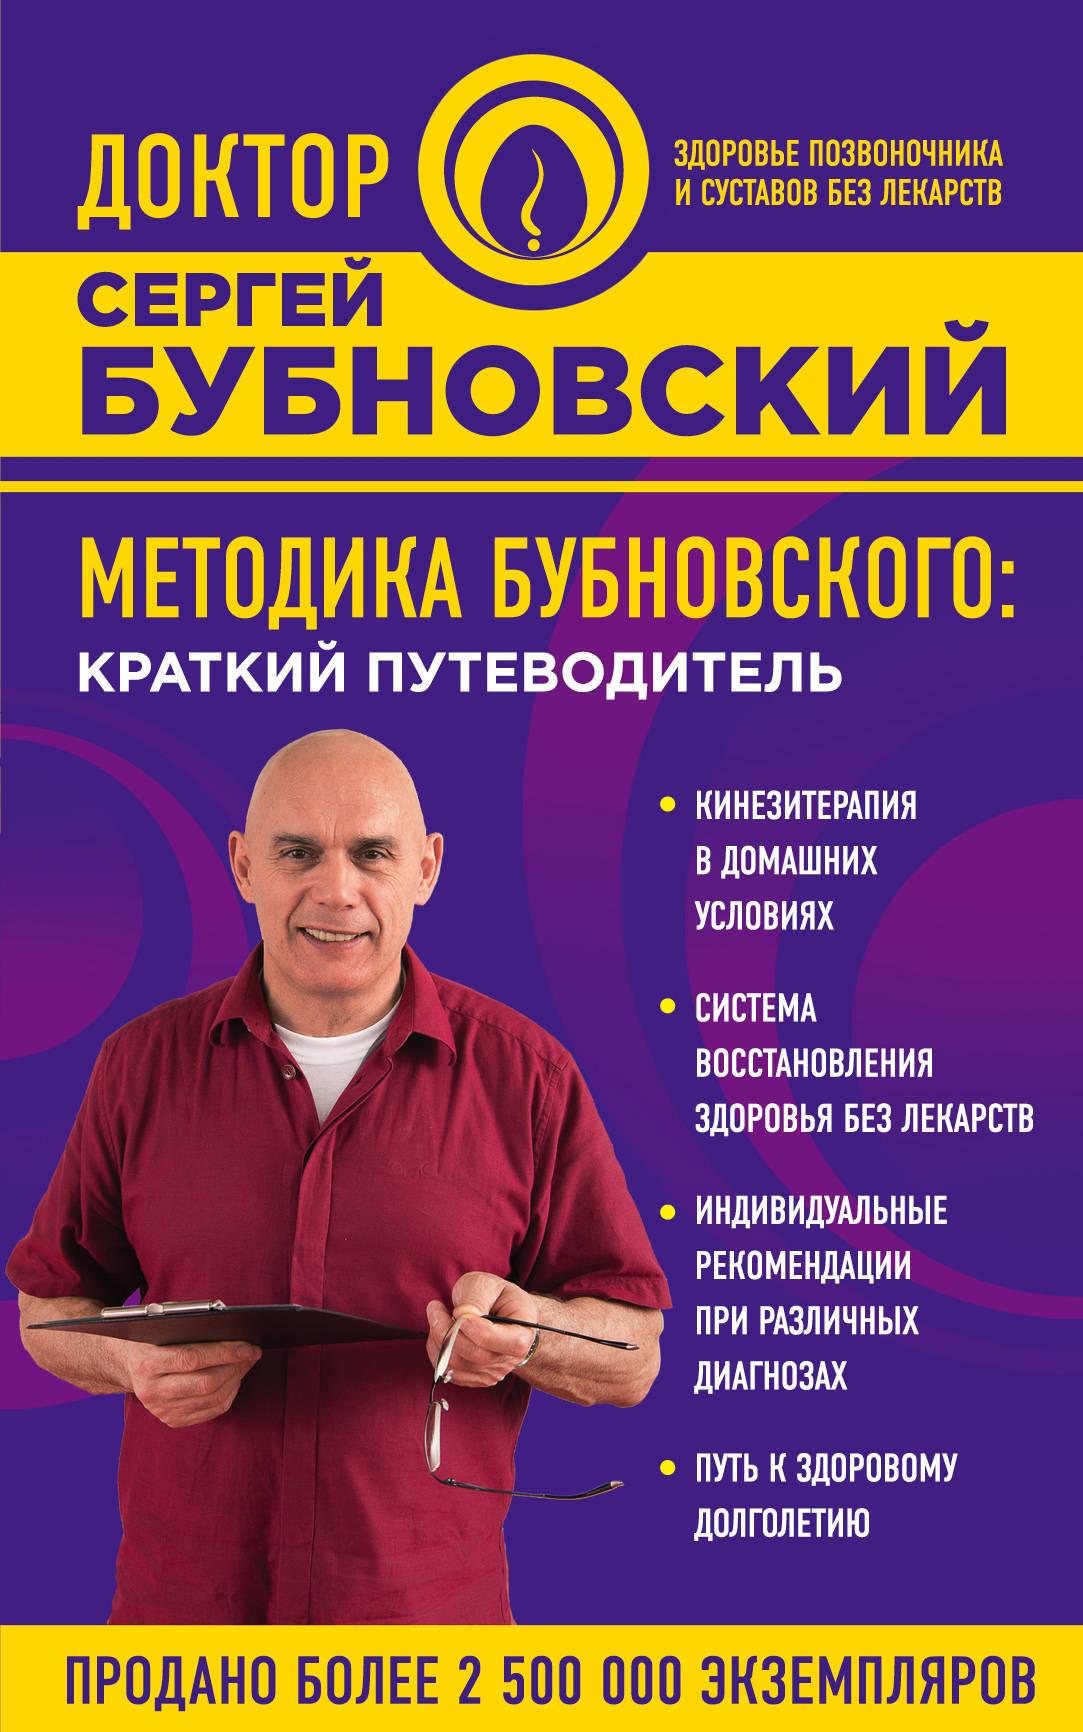 Сергей Бубновский Методика Бубновского: краткий путеводитель